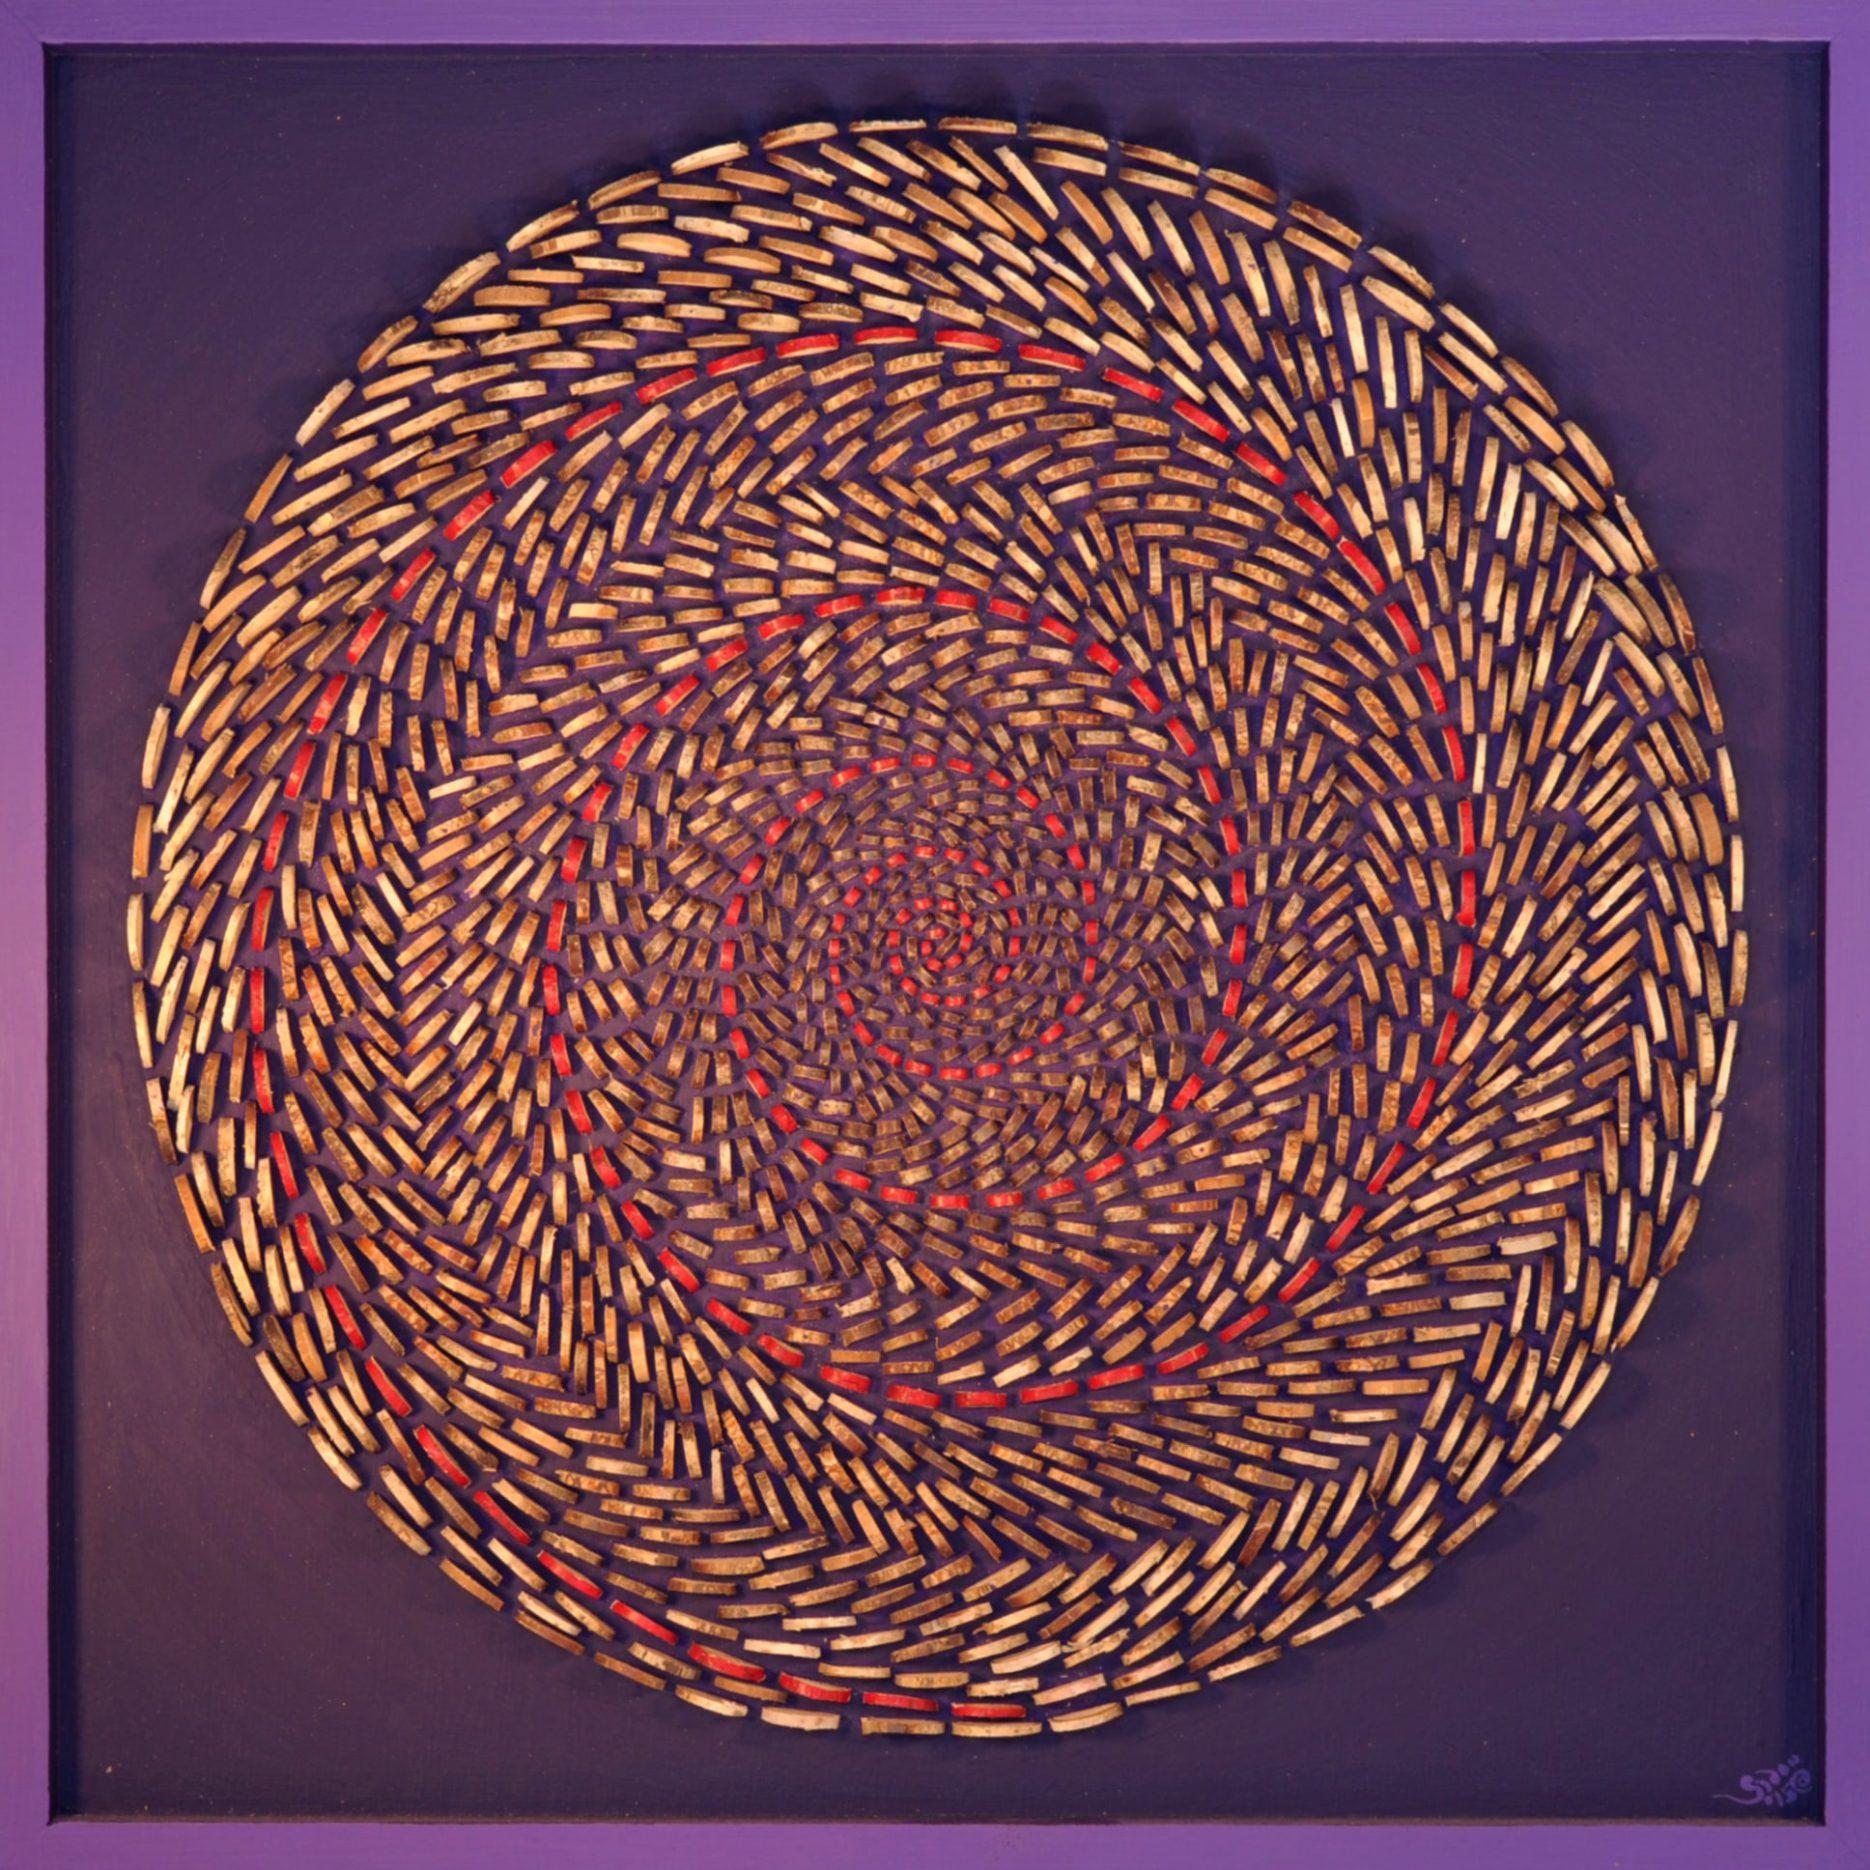 Bild 0,50 x 0,50m – Holzscheiben halbiert (2017)